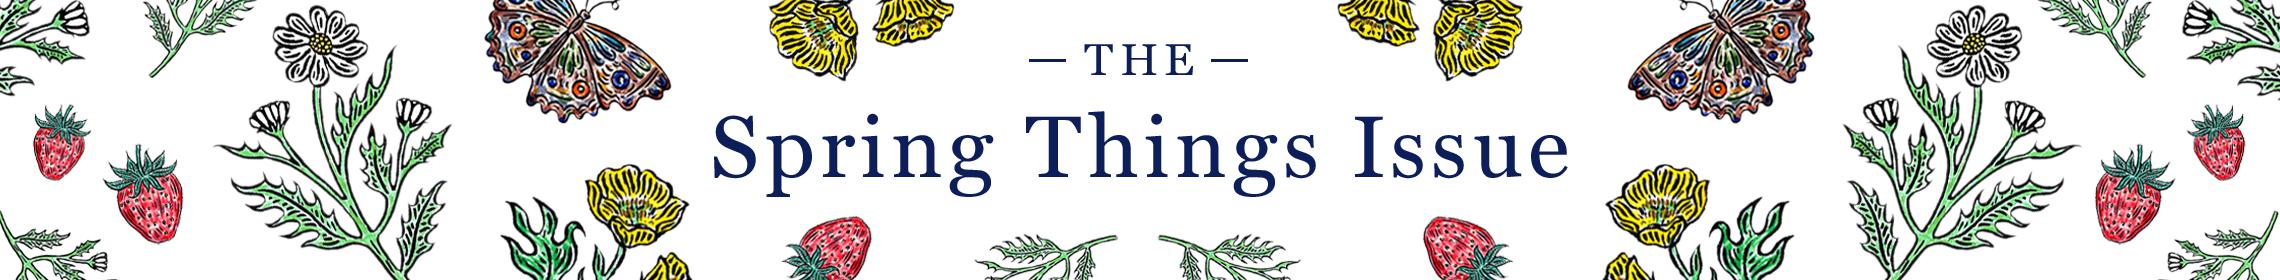 0319 thefold springthingsissueissuebanner desktop